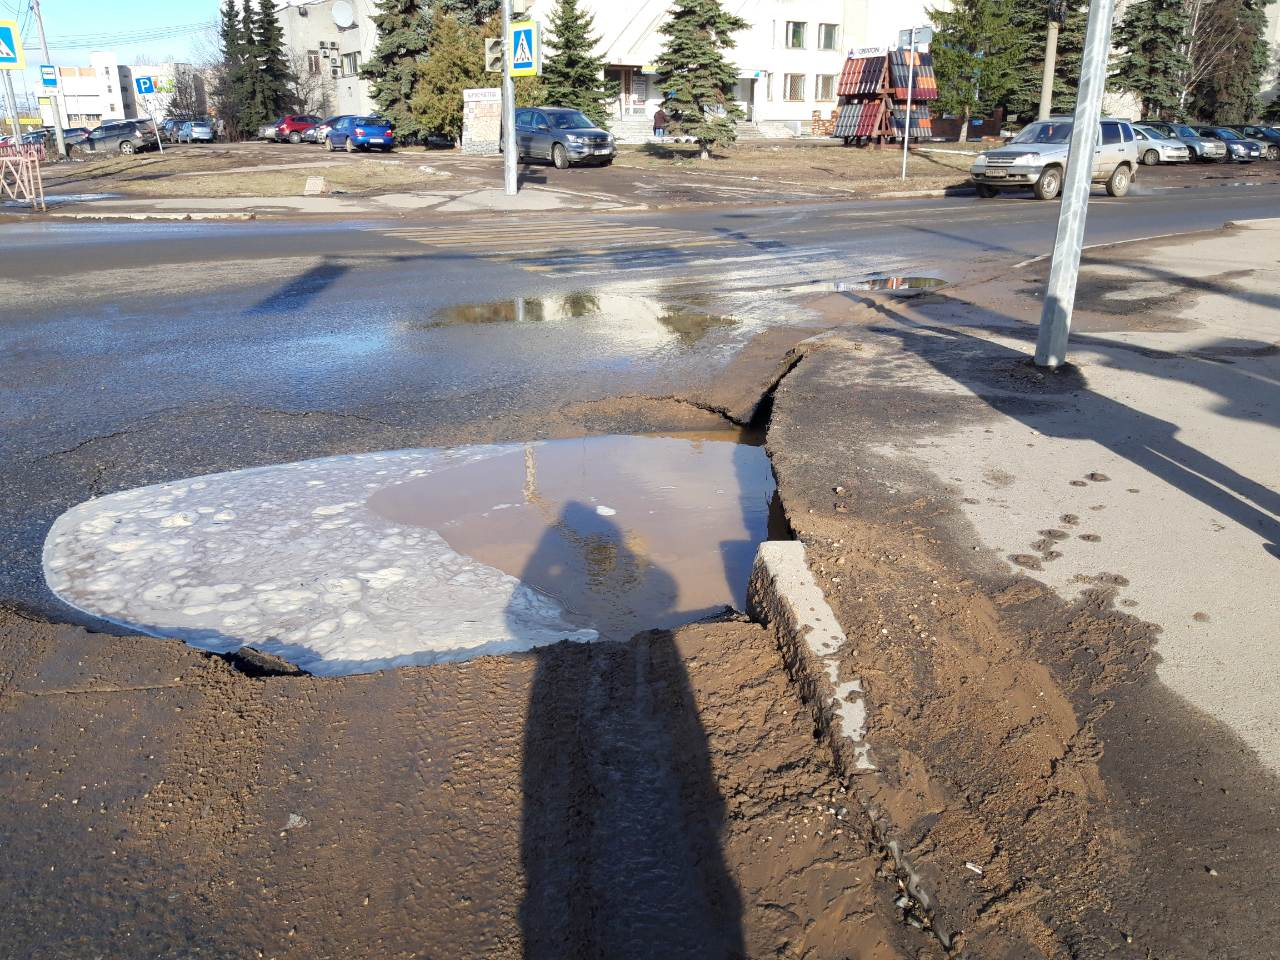 В Ярославле на перекрестке обвалился асфальт и образовалась внушительная яма